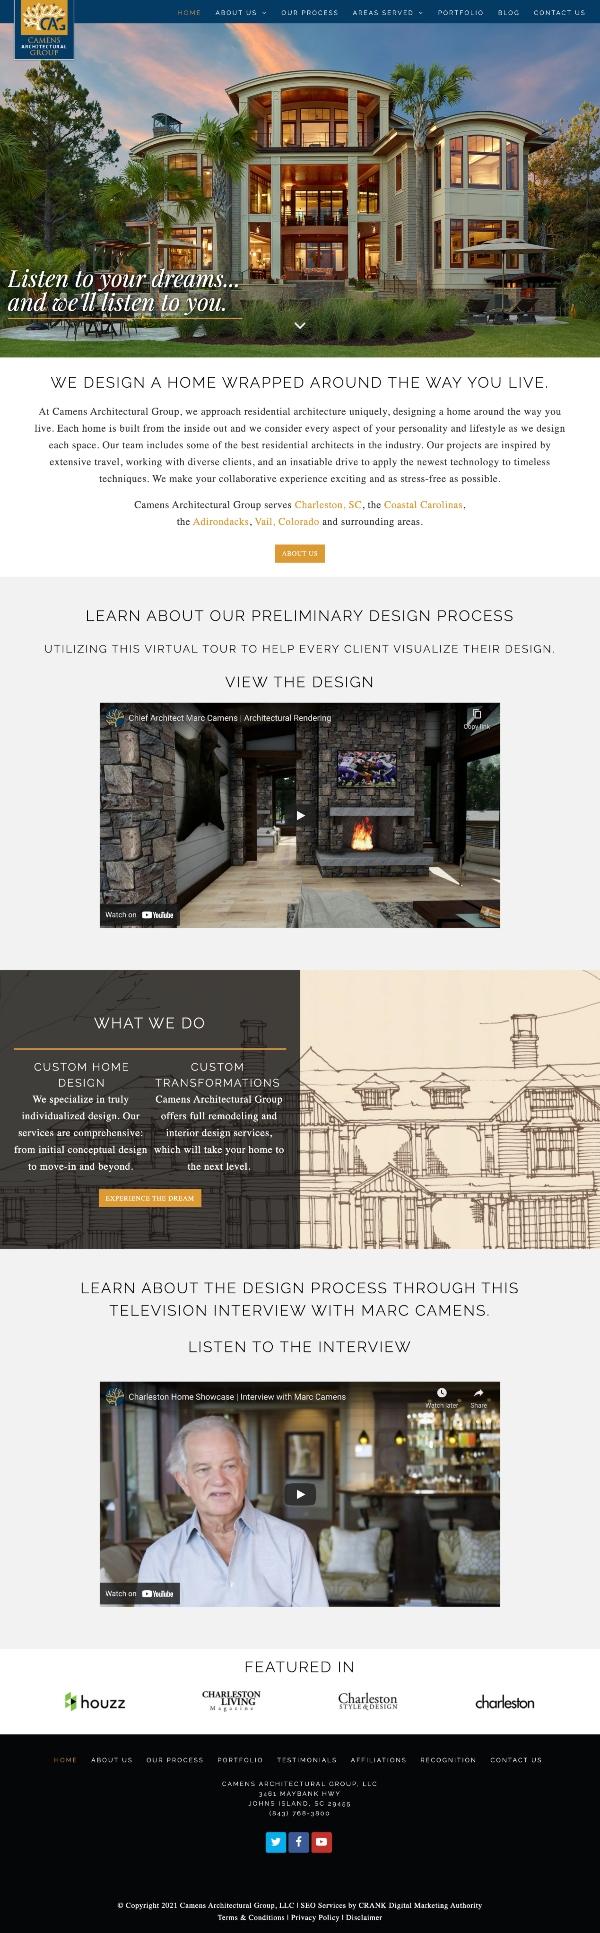 Camens website branding